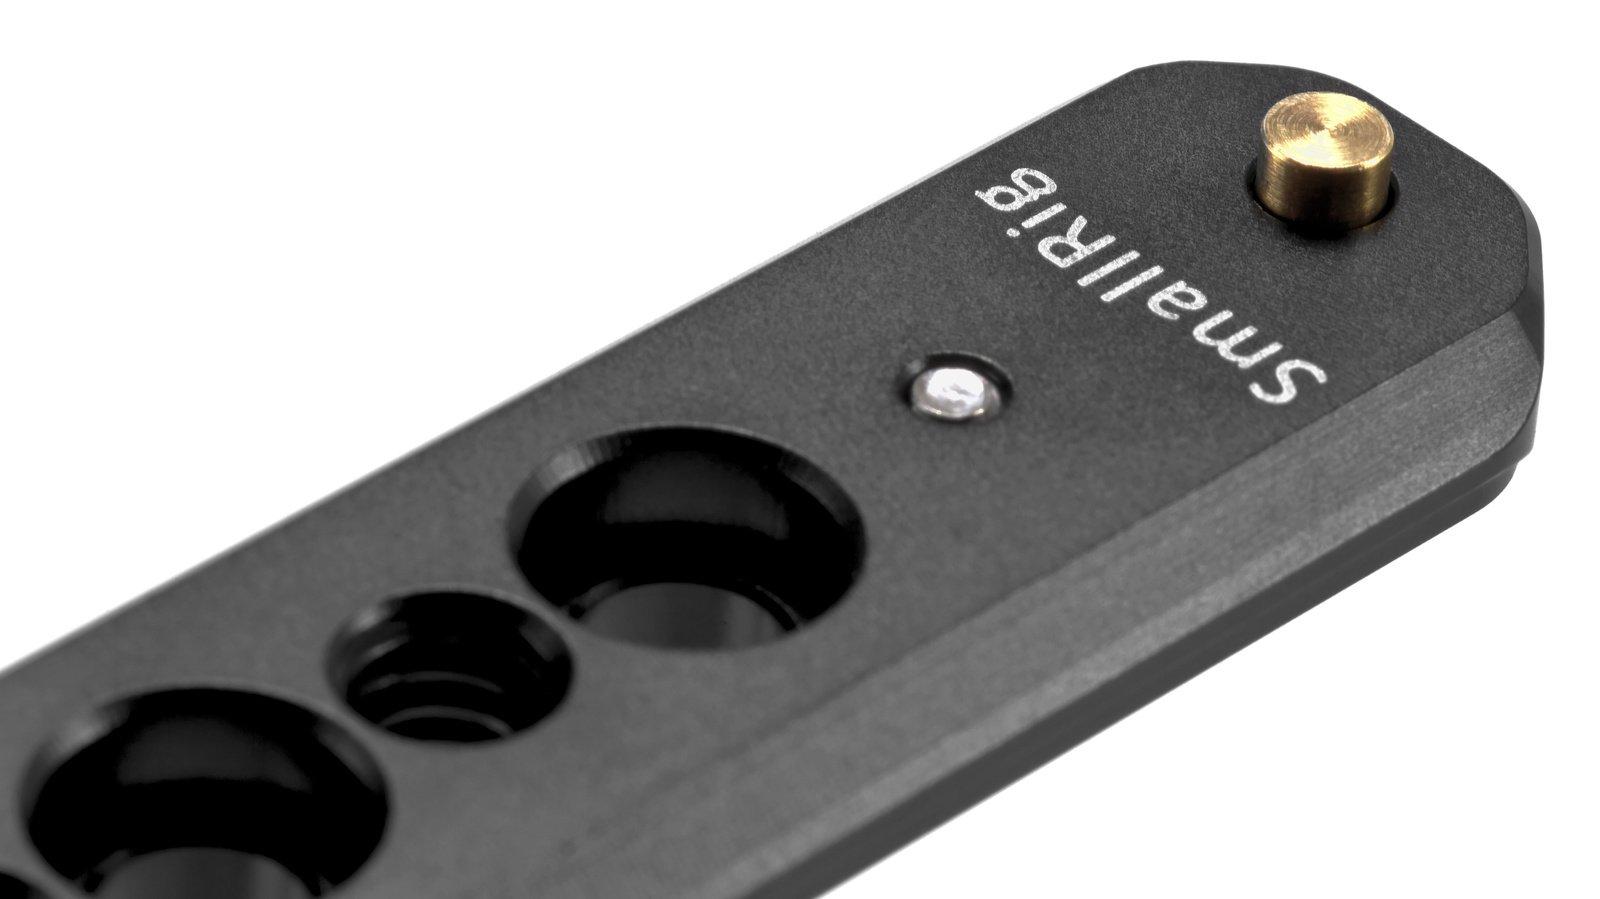 Ein runterdrückbarer Stopper verhindert versehentlichen Auswurf von Zubehör.